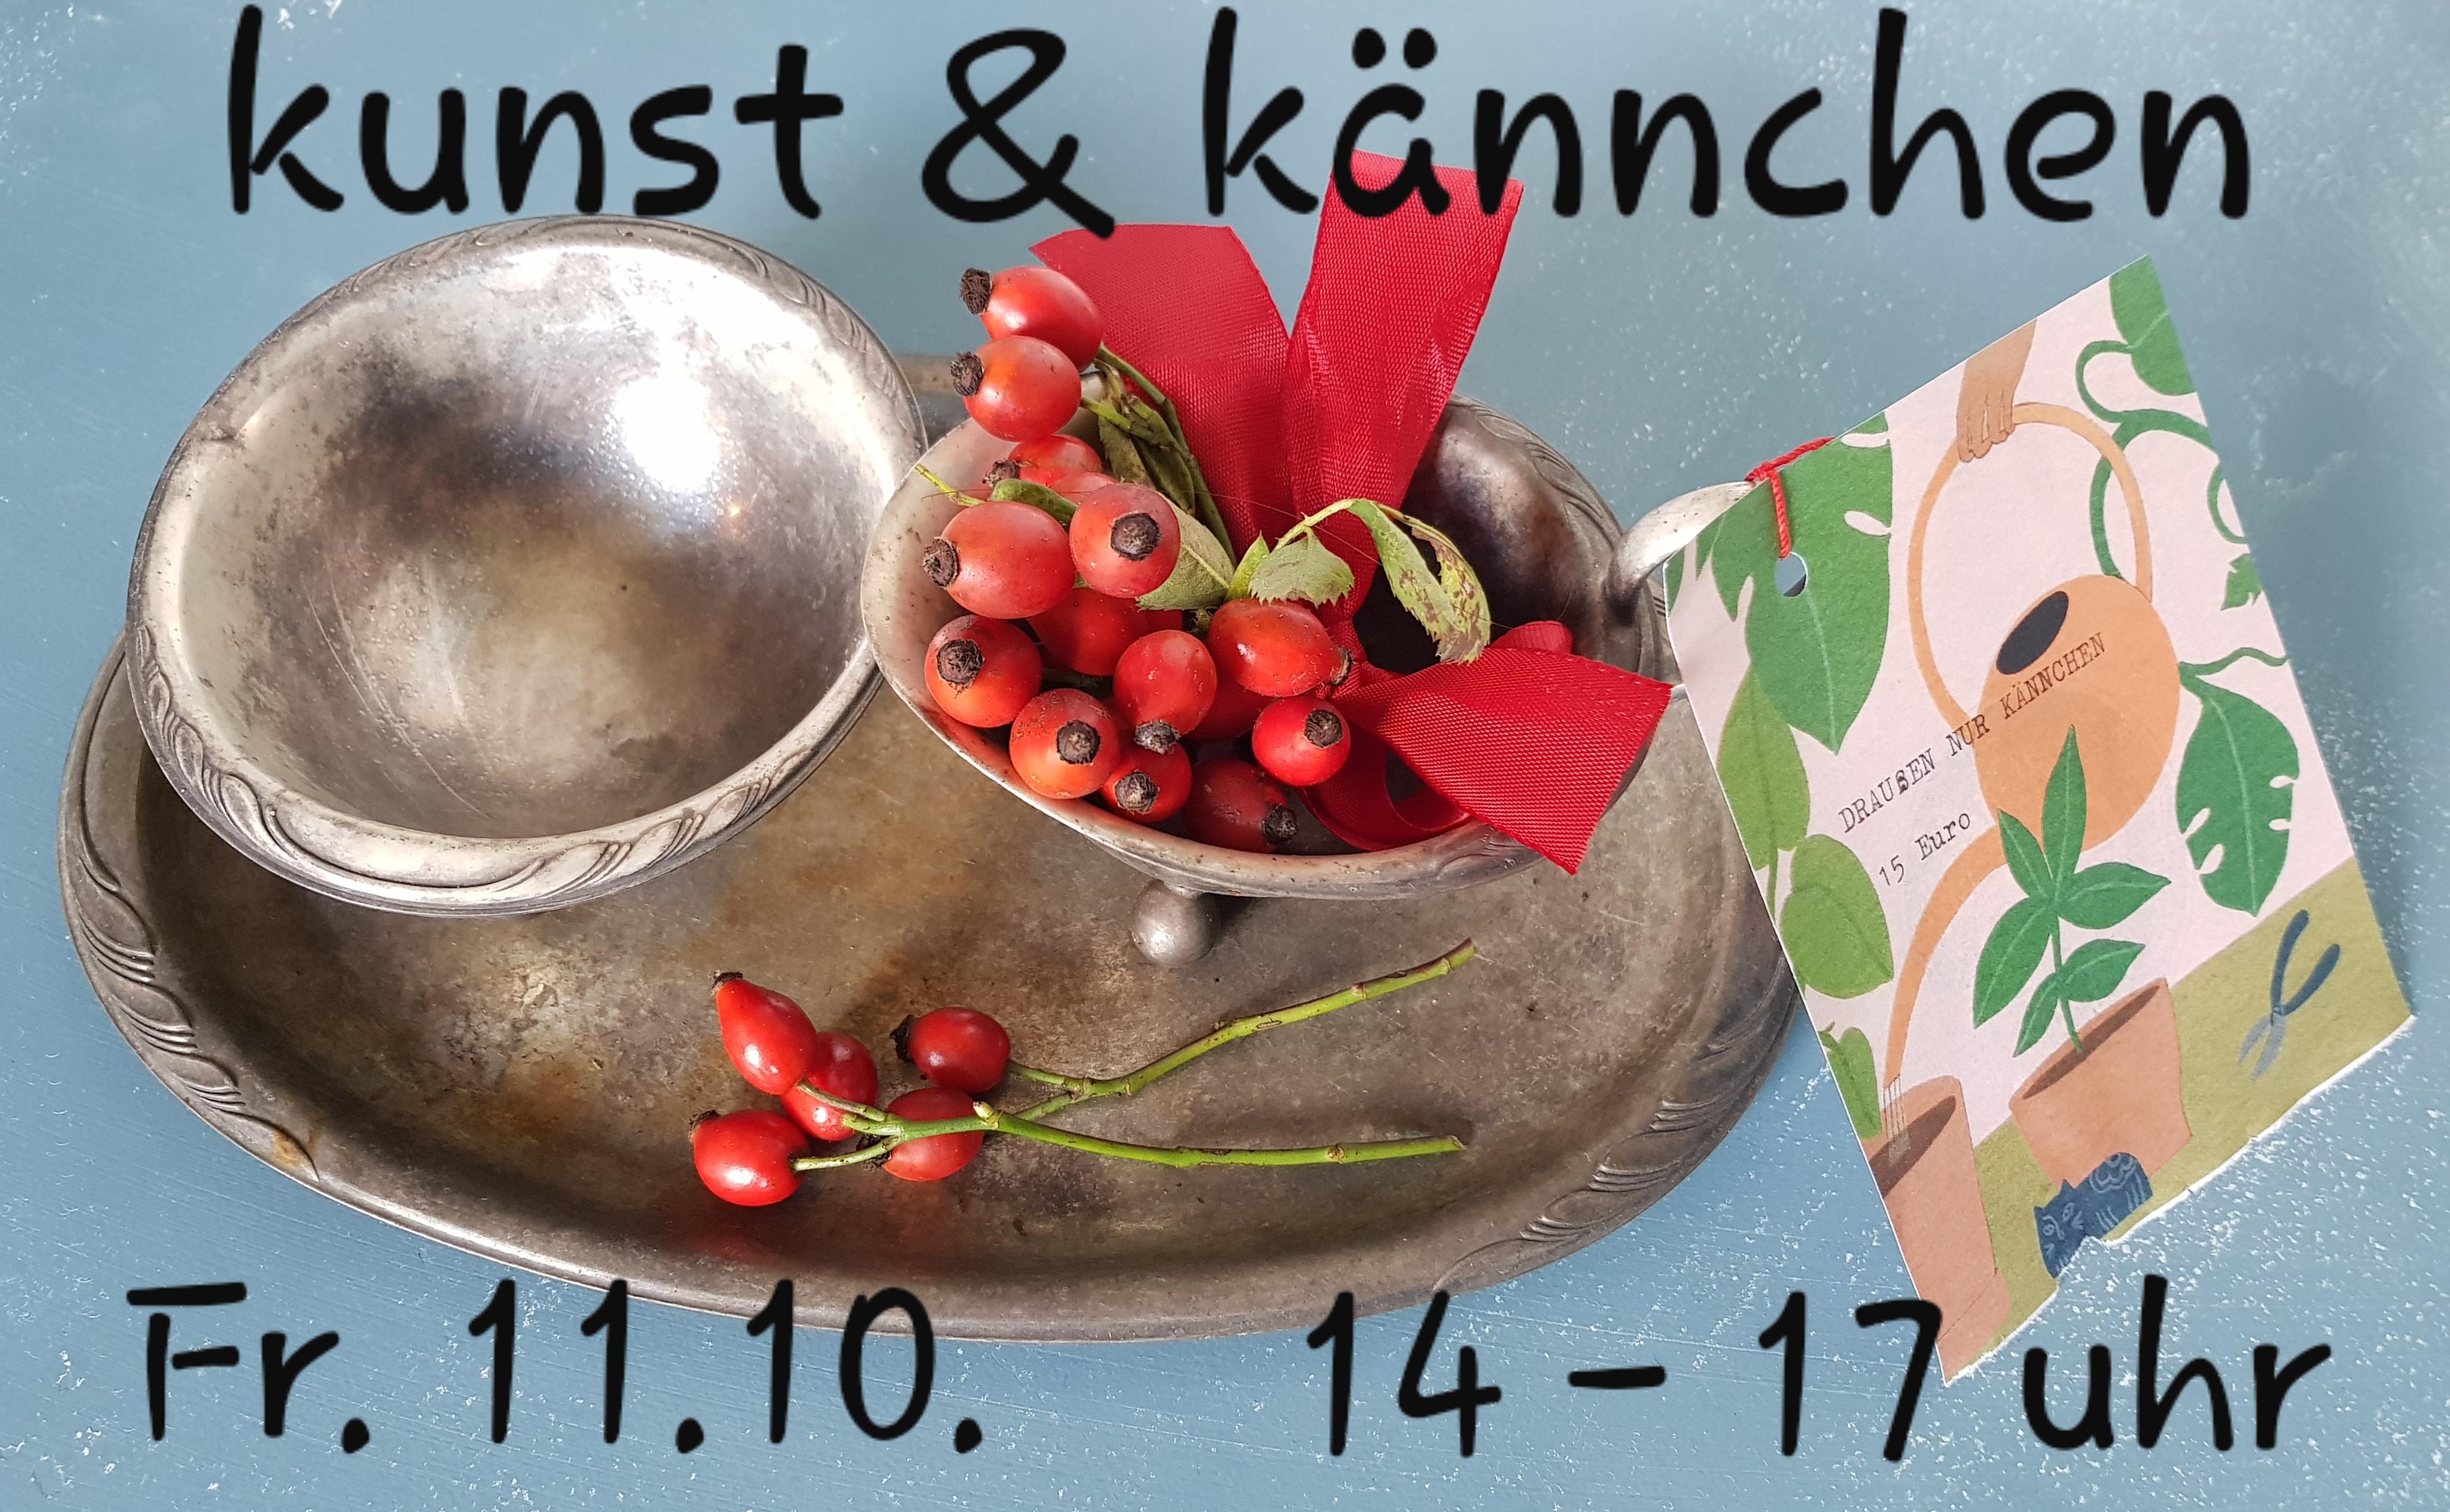 Kunst und Kännchen, Teena Leitow, Offenes Atelier, Kunst, vintage, Flohmarkt, Kännchen nur draußen, Nordheide, Hamburg, Trelde